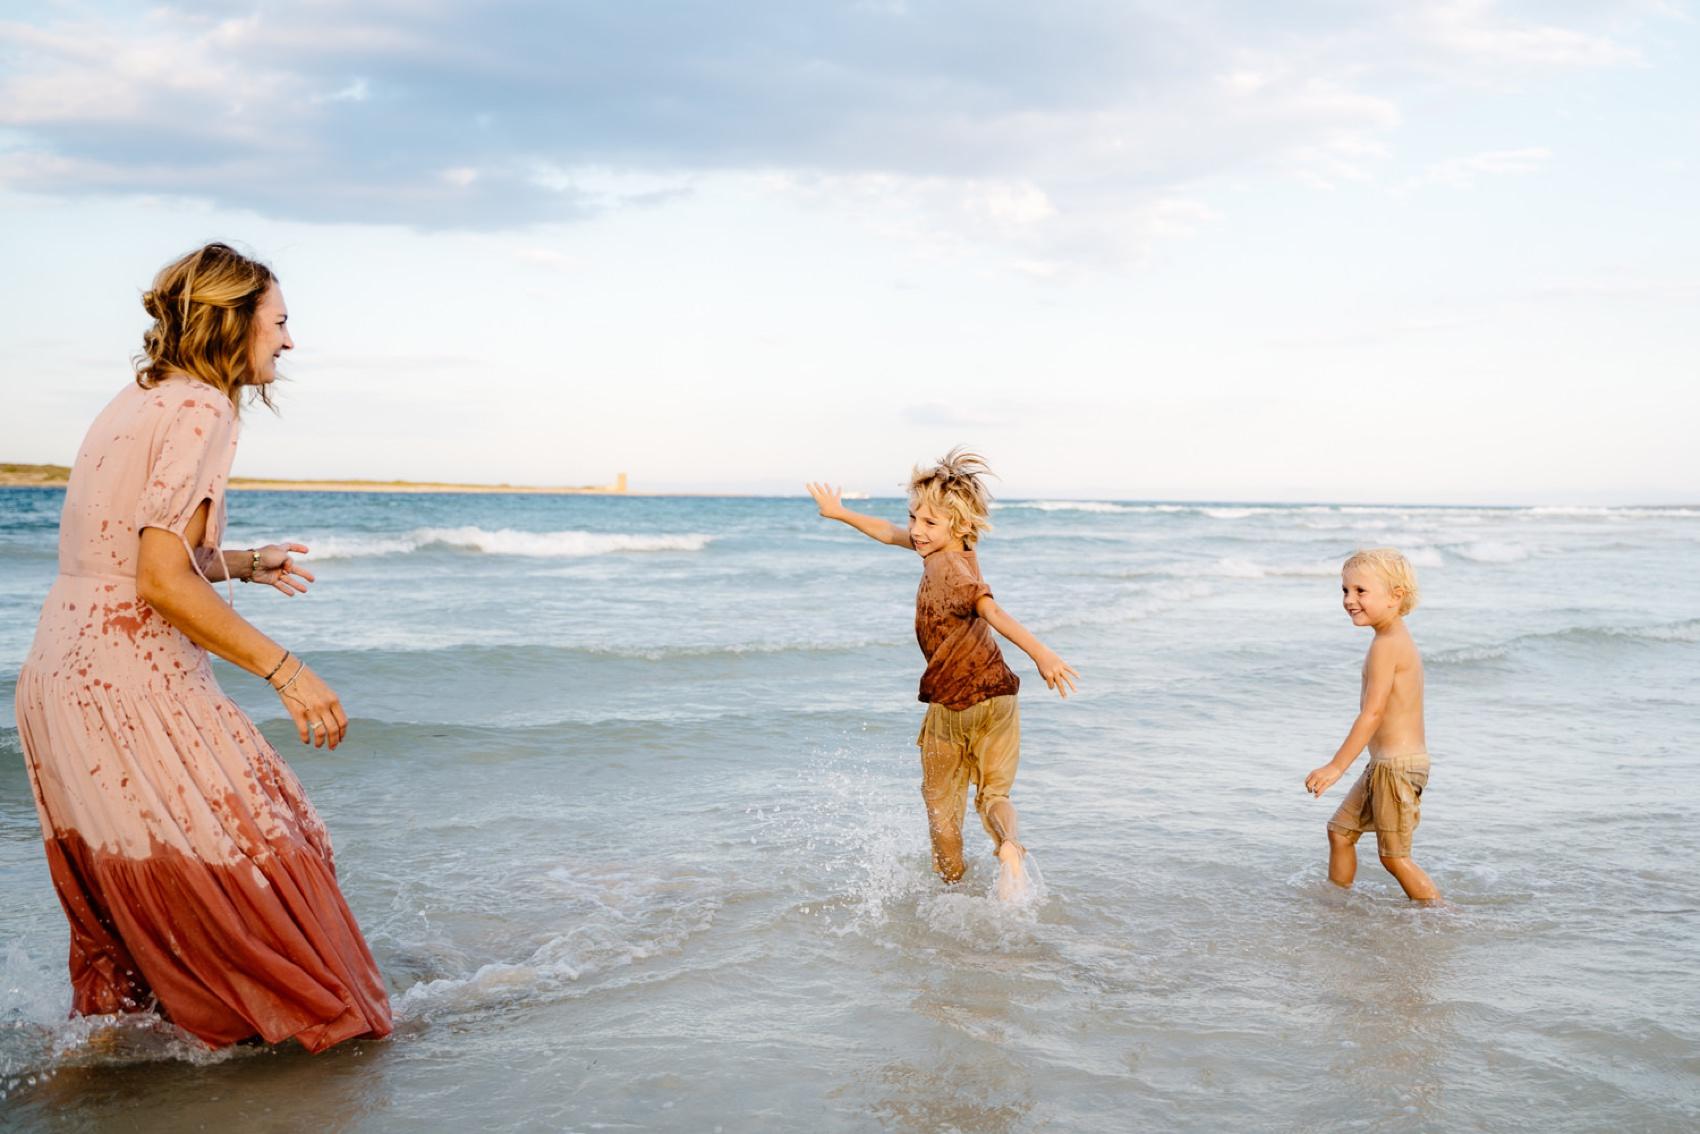 foto in spiaggia sardegna